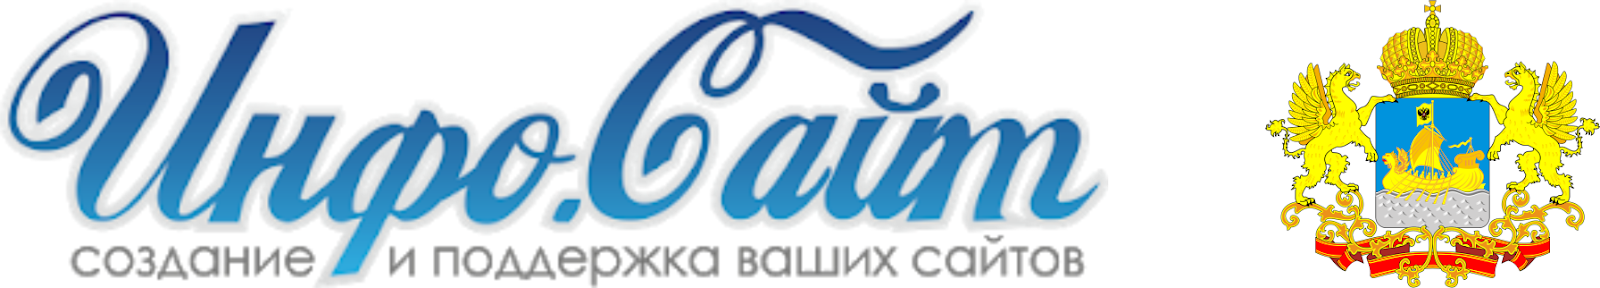 Костромская область 🌍 Новости : Информационный агрегатор Инфо-Сайт